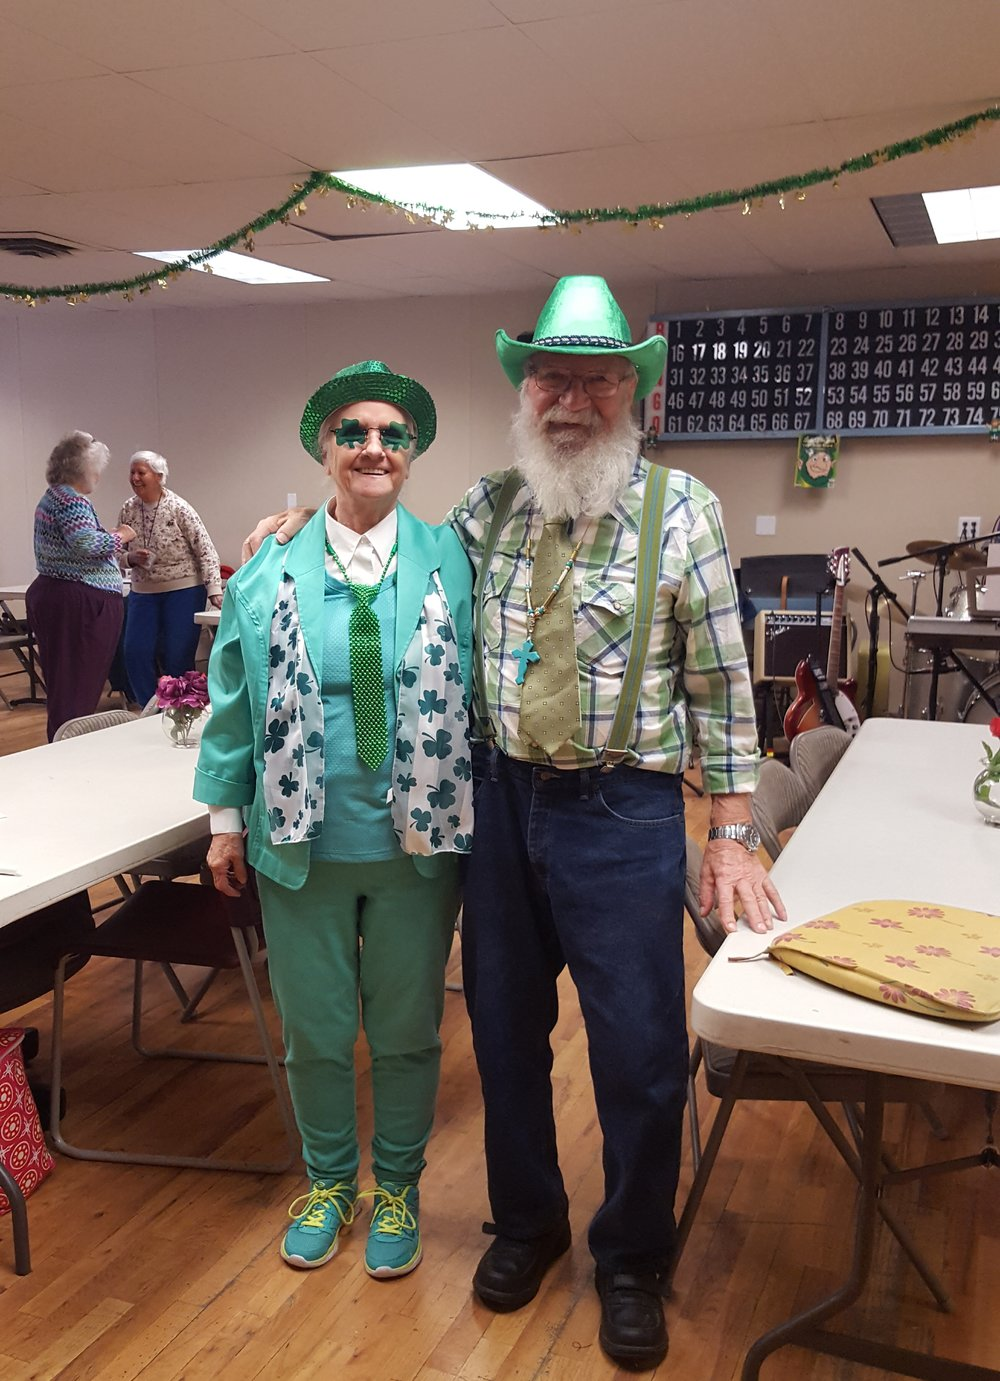 St. Patricks Image 2, 3-2018.jpg